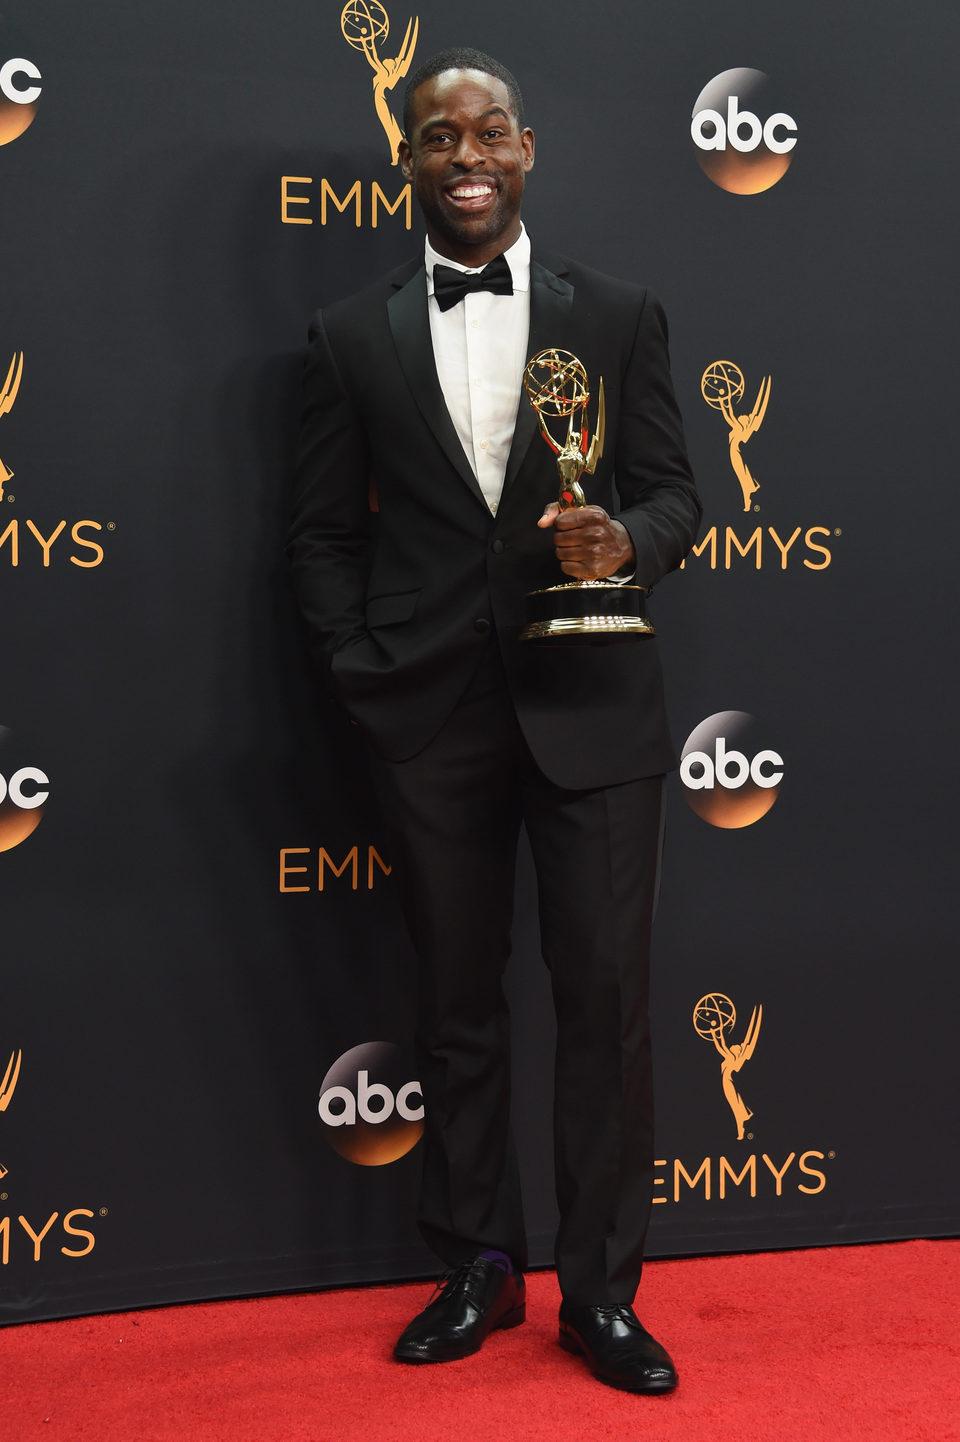 Sterling K. Brown after Emmys 2016